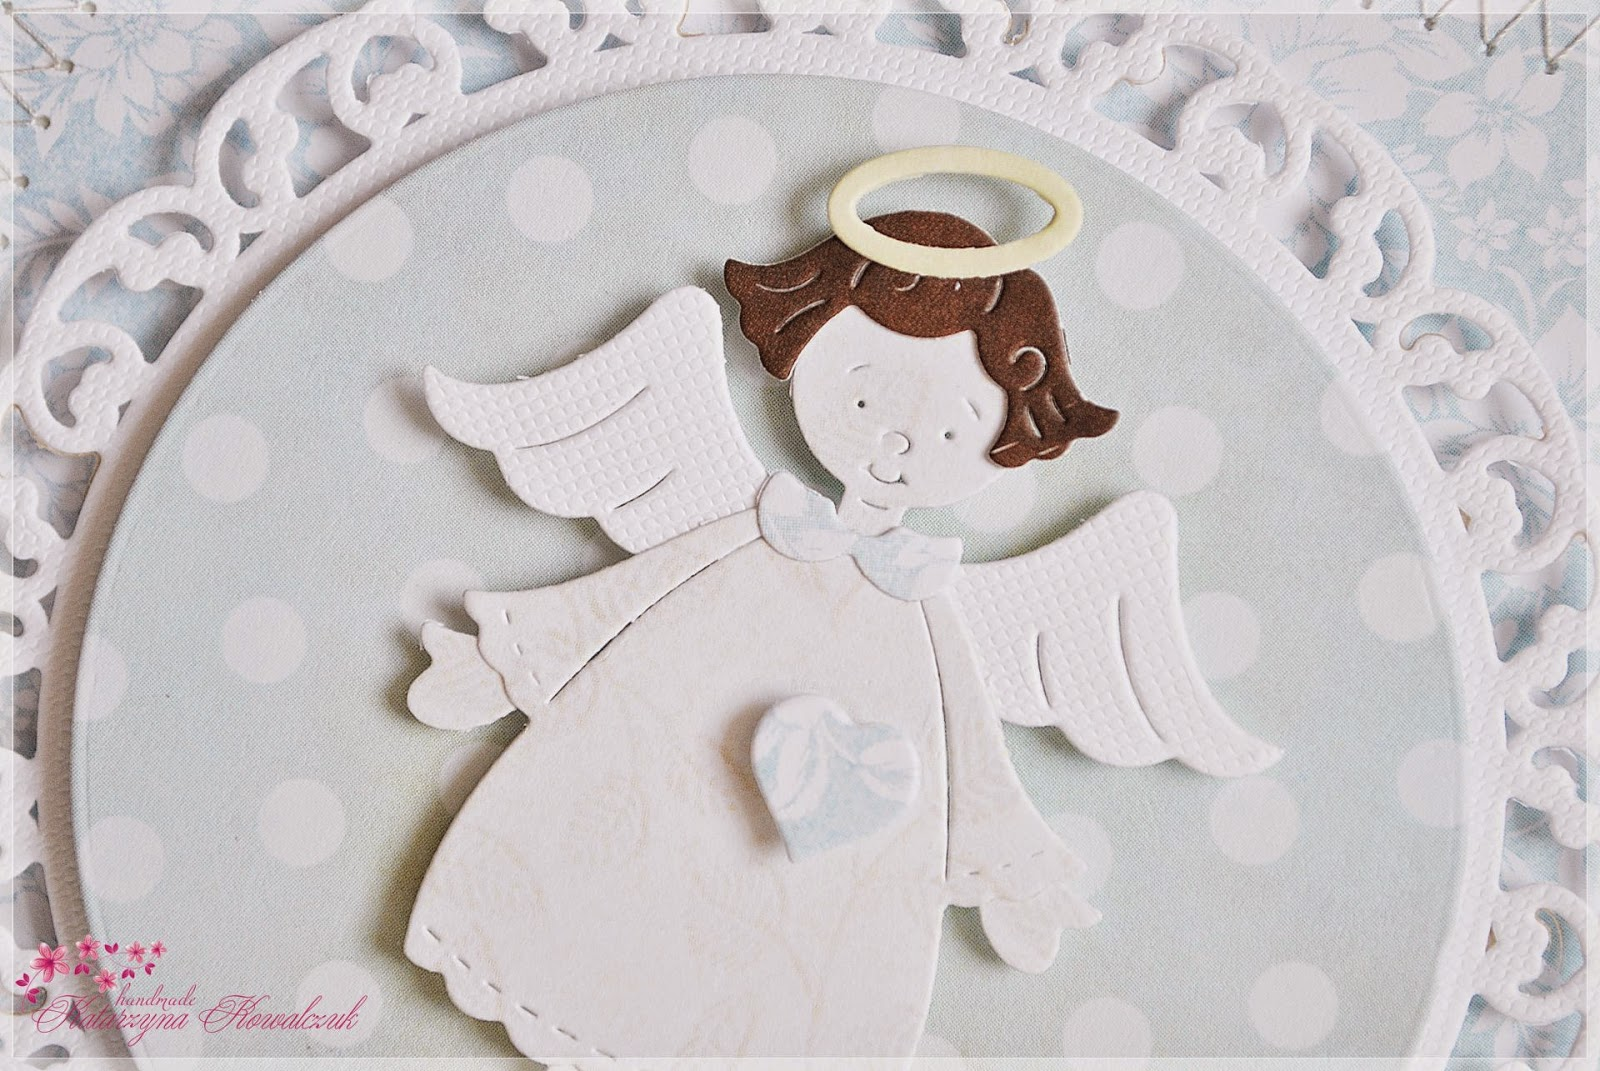 zaproszenie na Chrzest Święty z aniołkiem scrapbooking